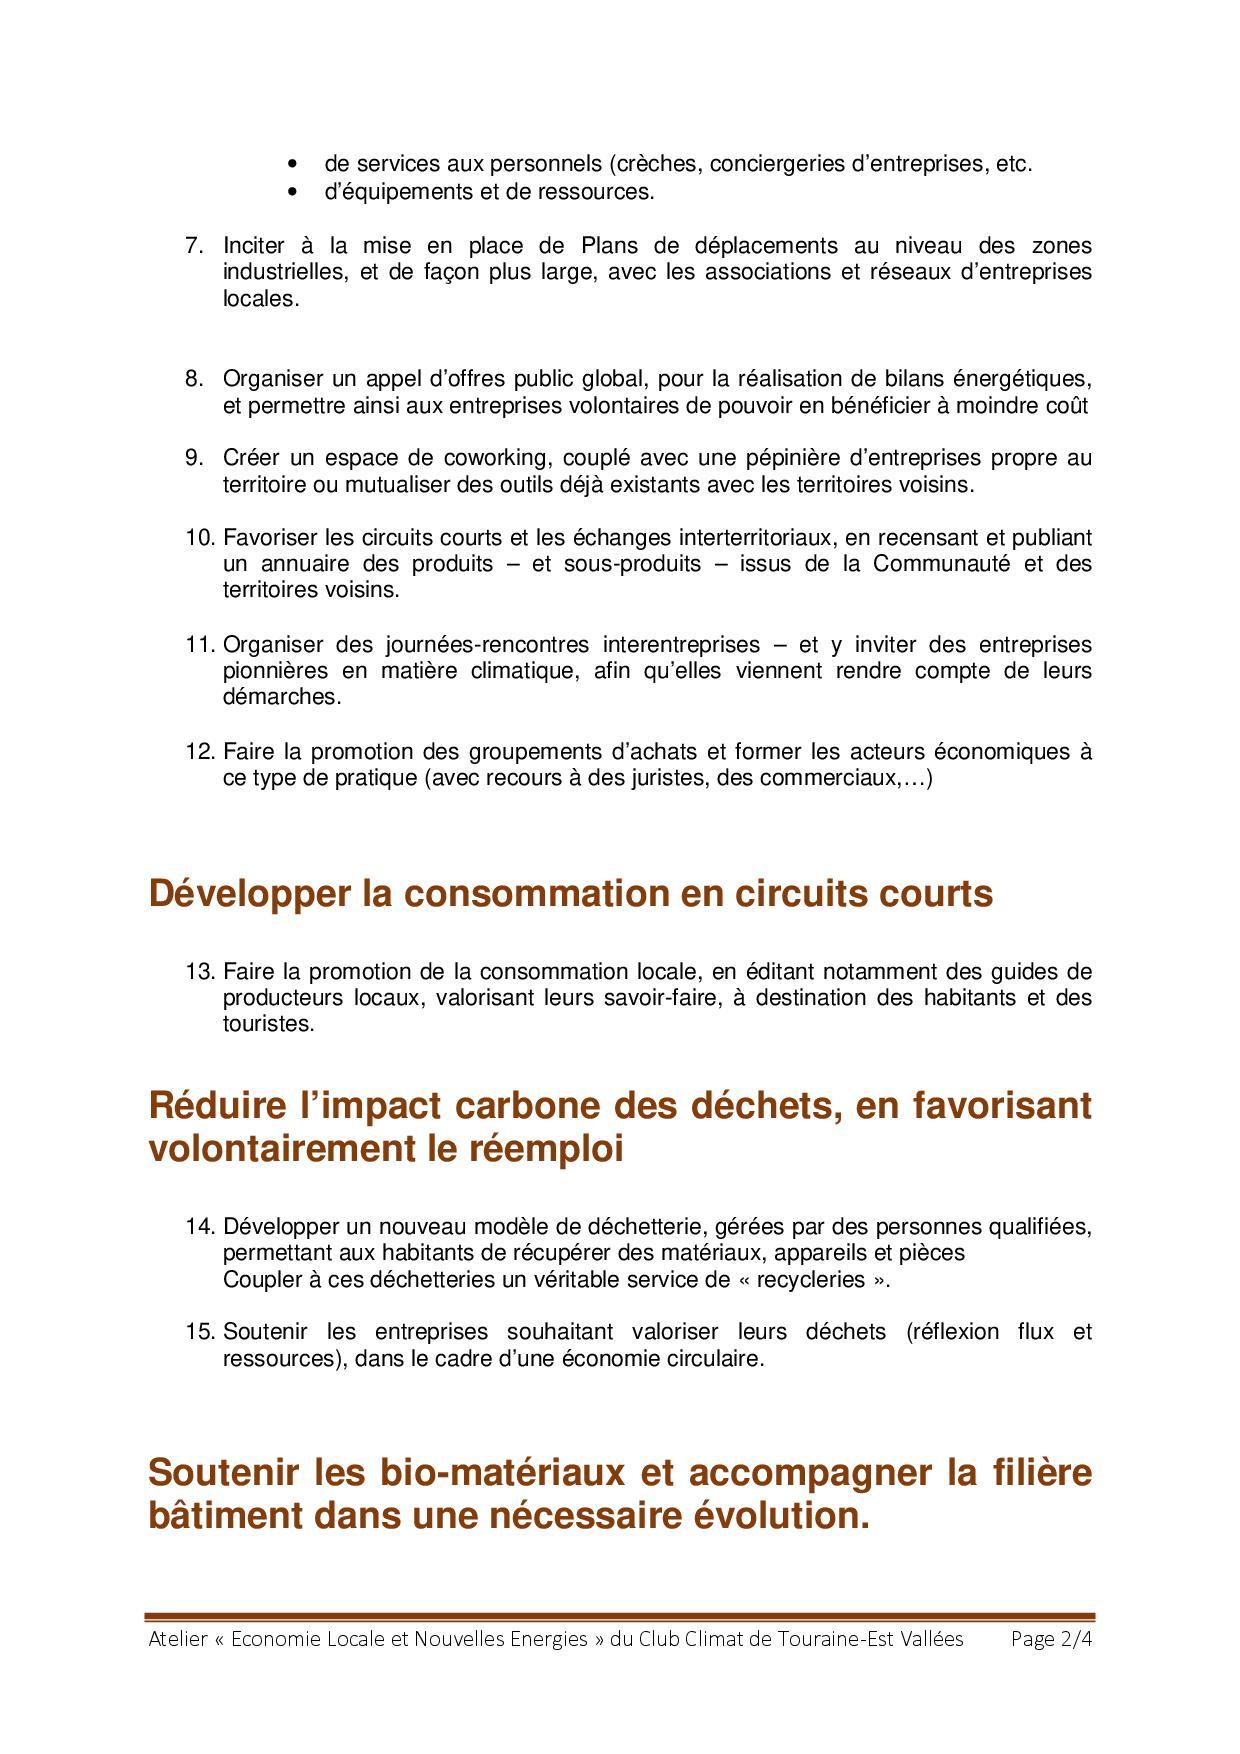 CR_Atelier_4_economie_locale_nouvelles_energies_v22